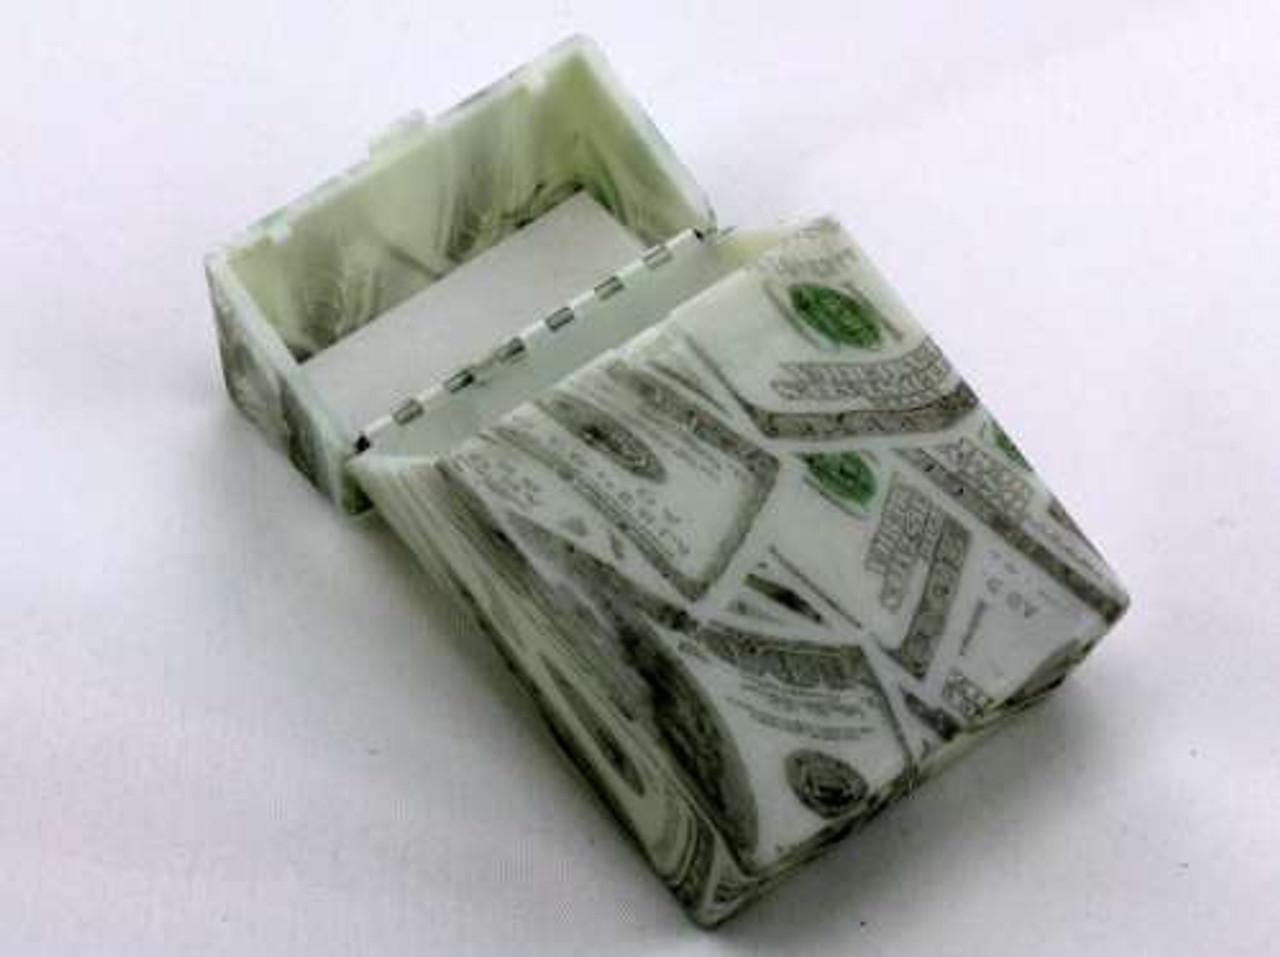 Money Cigarette Pack Holder